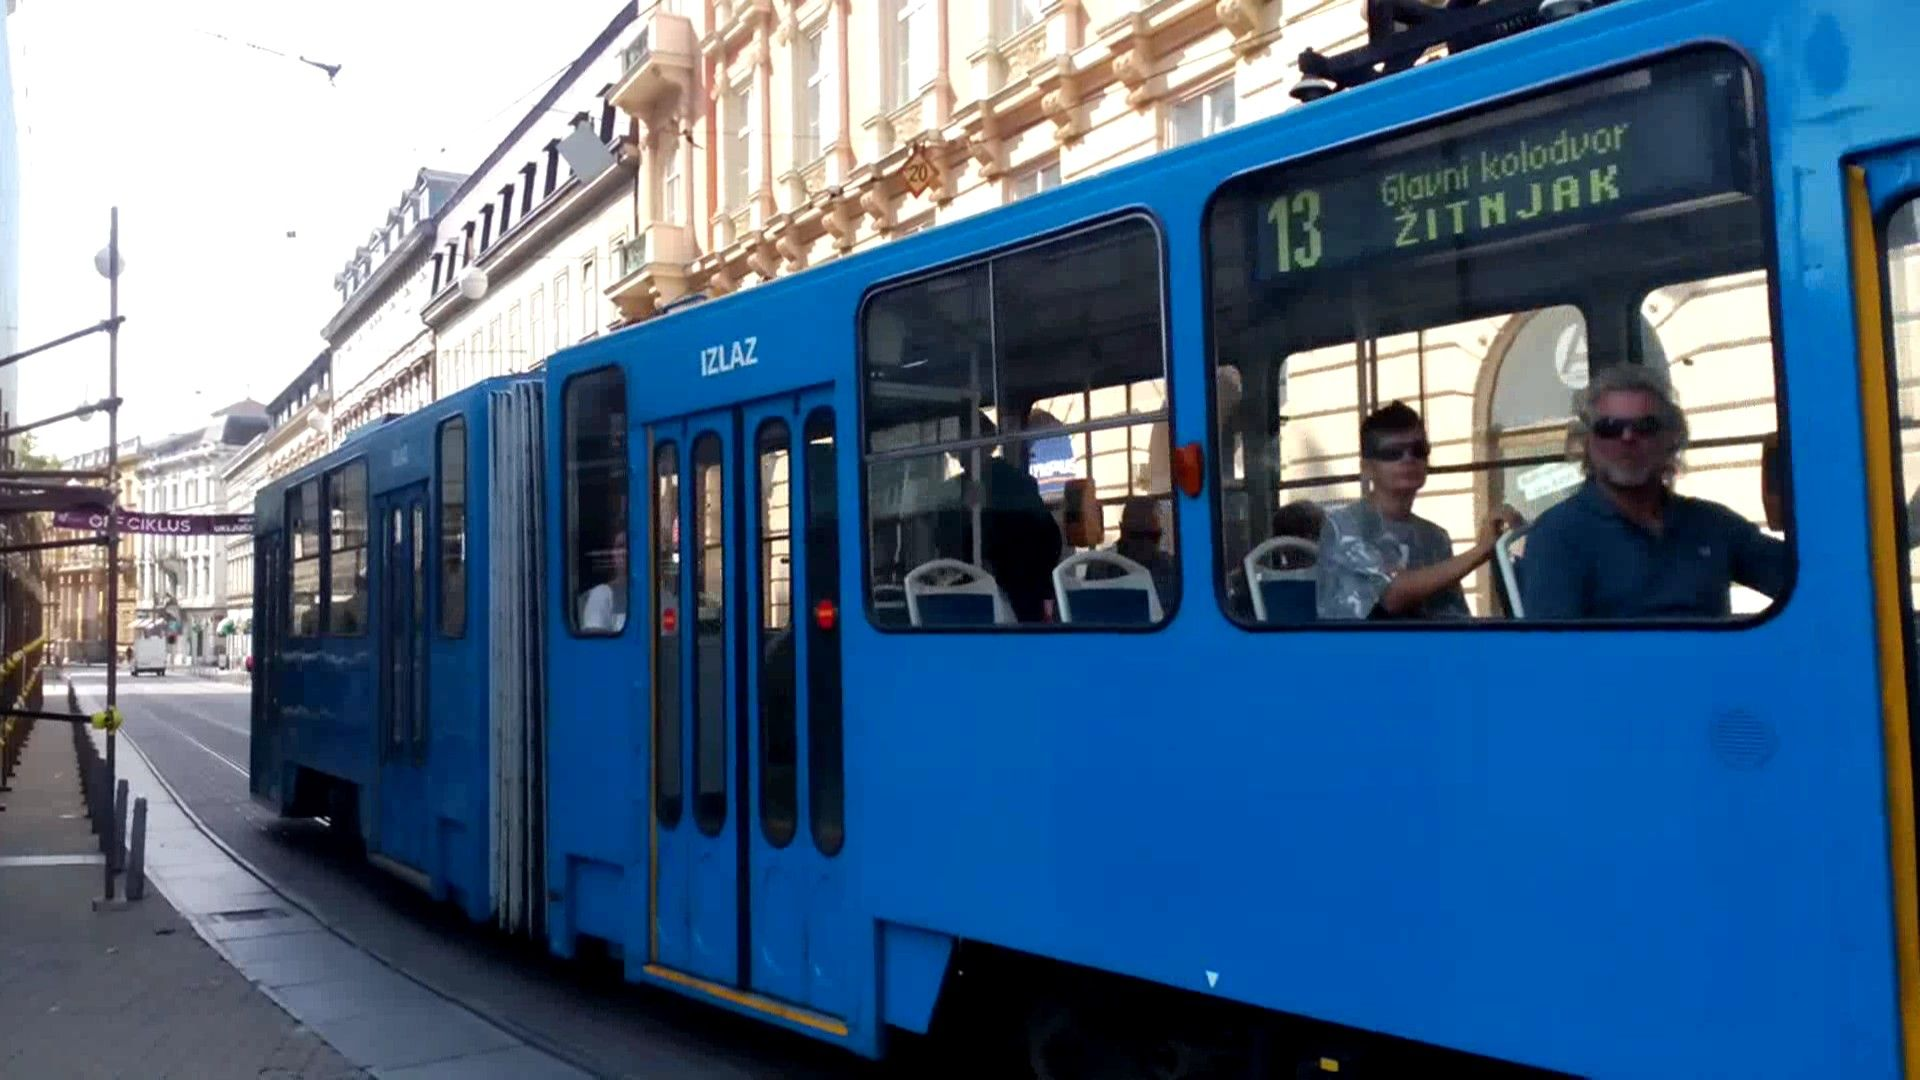 Zet Zagreb Tram Ckd Kt4yu Zagreb Train Vehicles